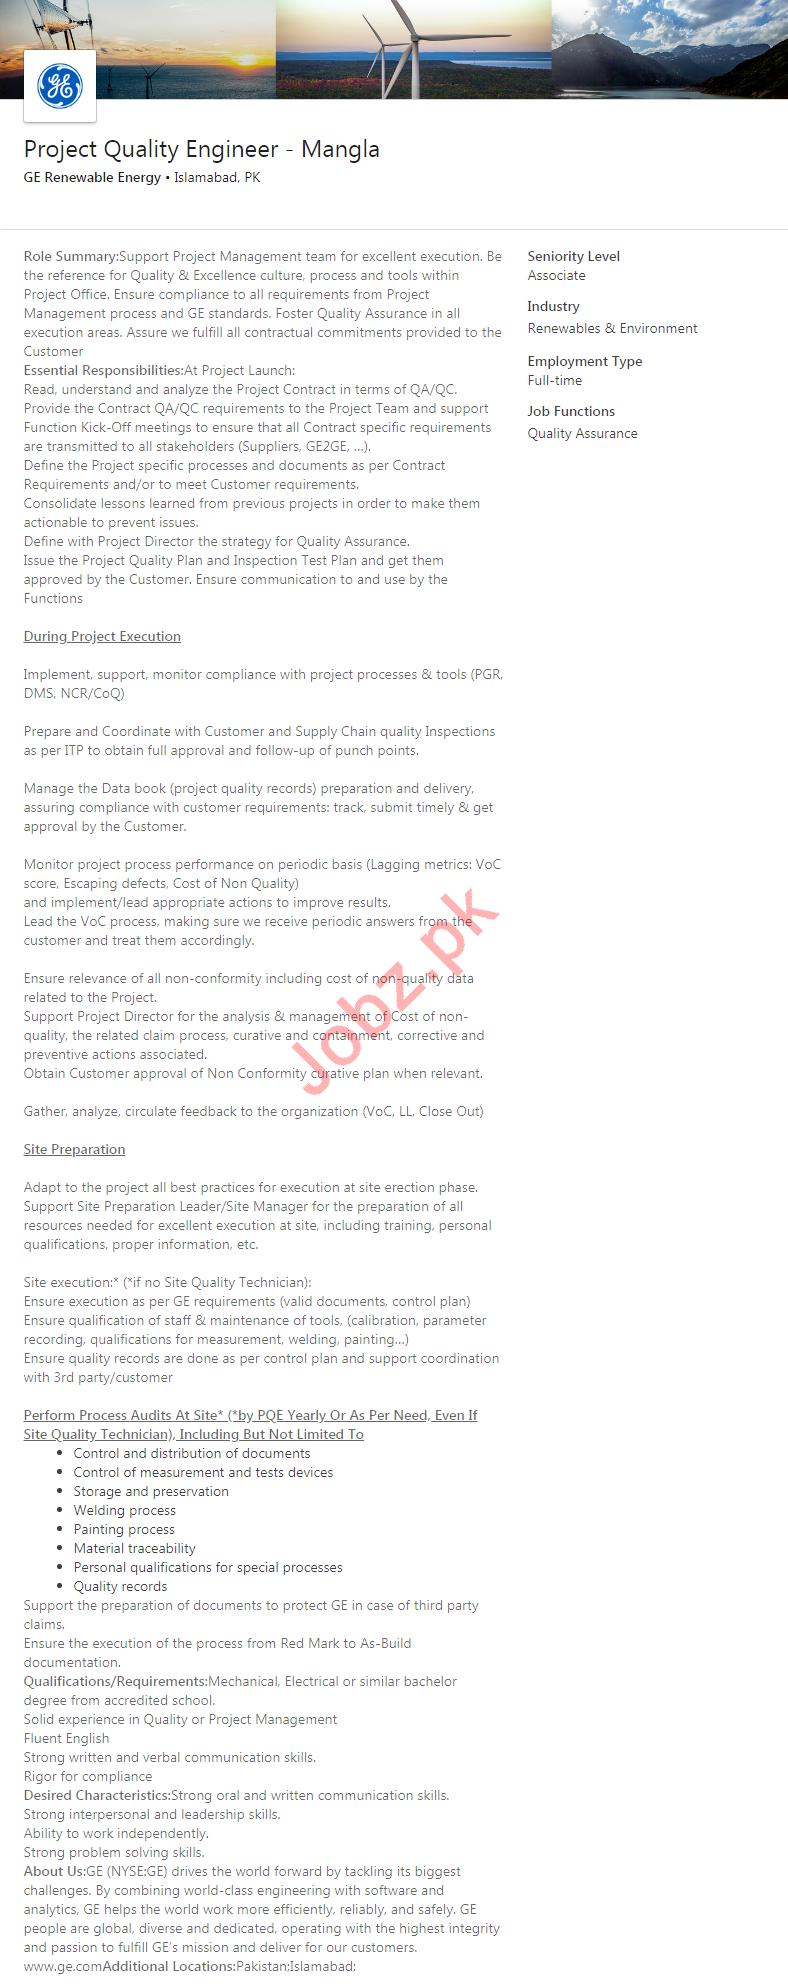 GE Renewable Energy Company Jobs 2020 in Islamabad